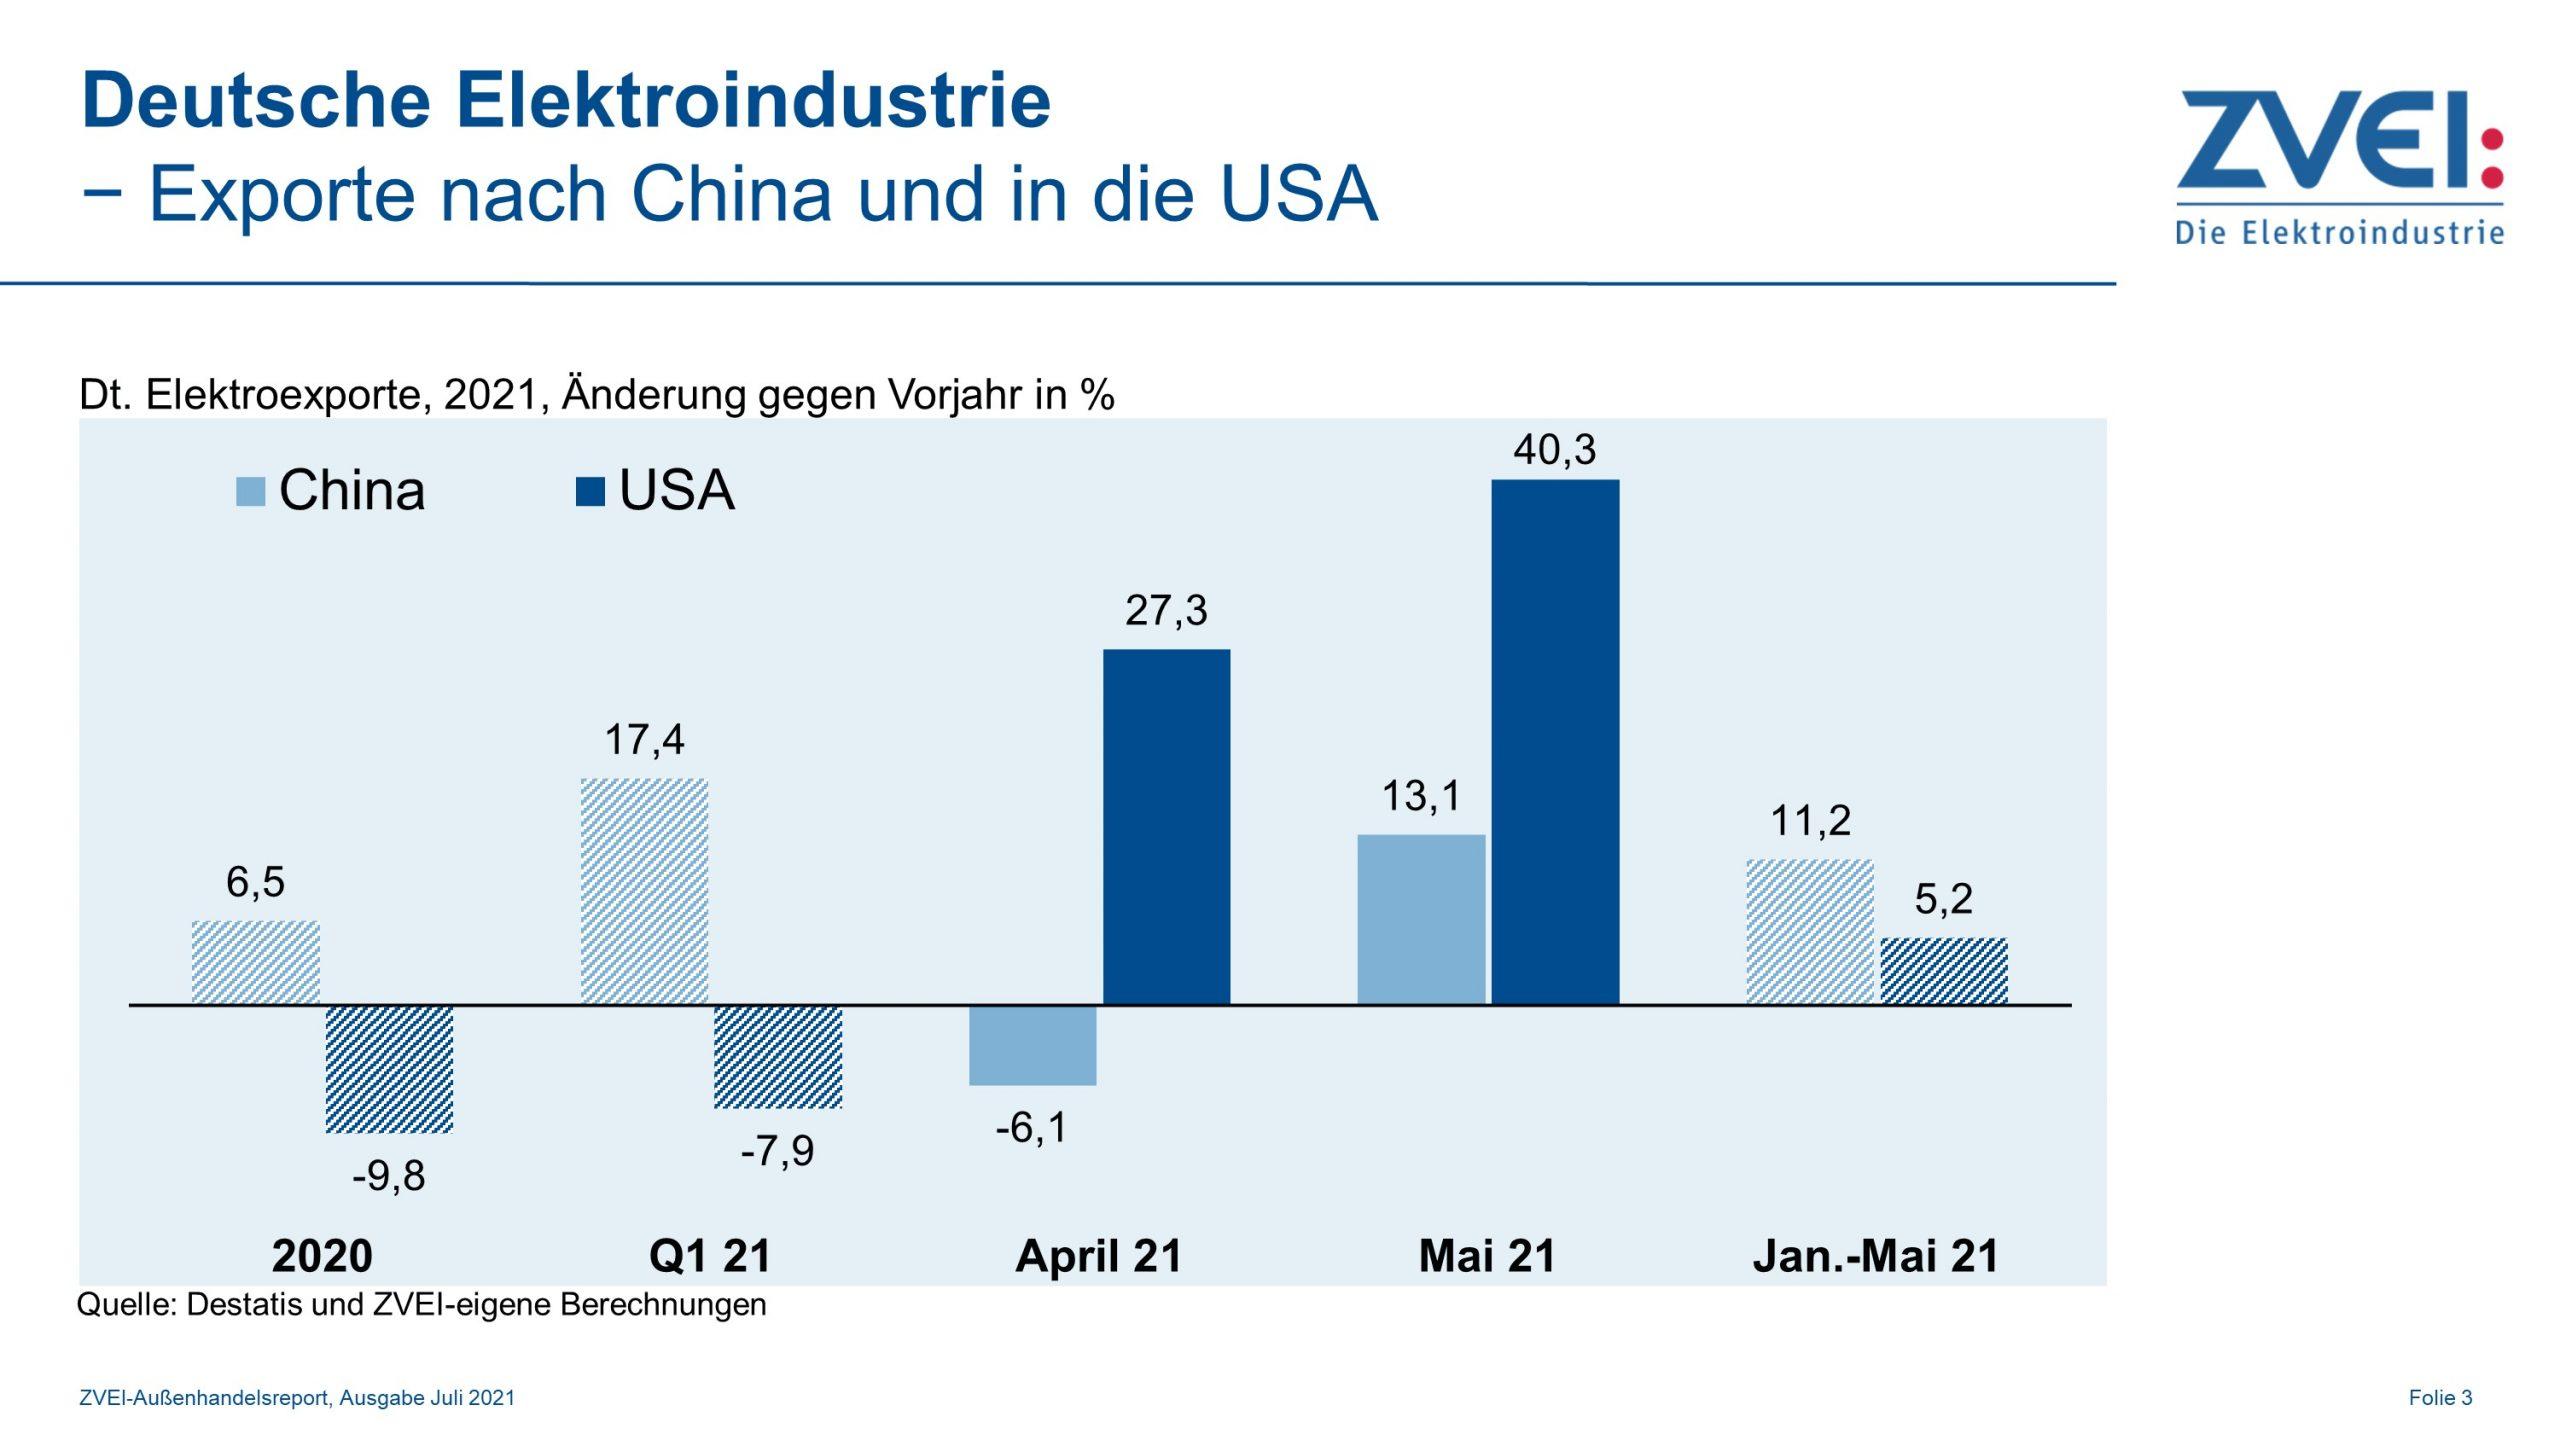 Elektroexporte nach China und in die USA im Mai 2021